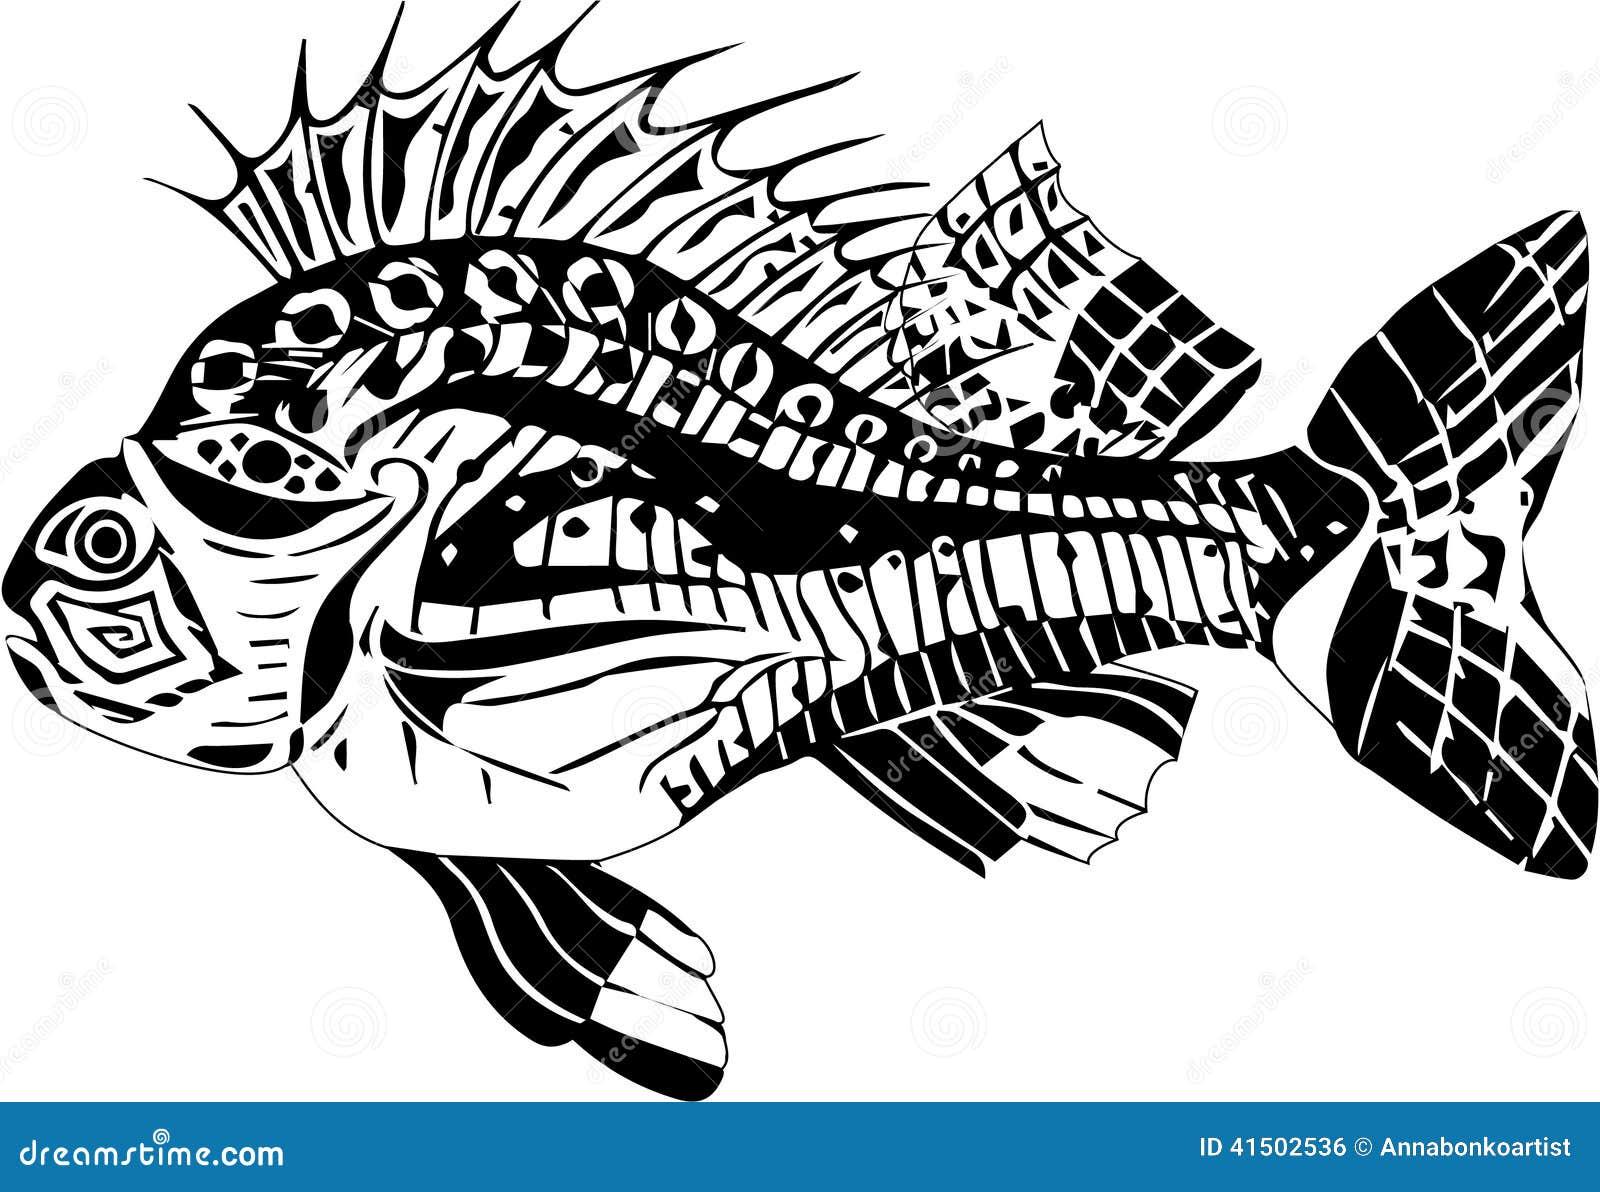 一条鲤鱼鱼的仿效在黑白颜色的.图片